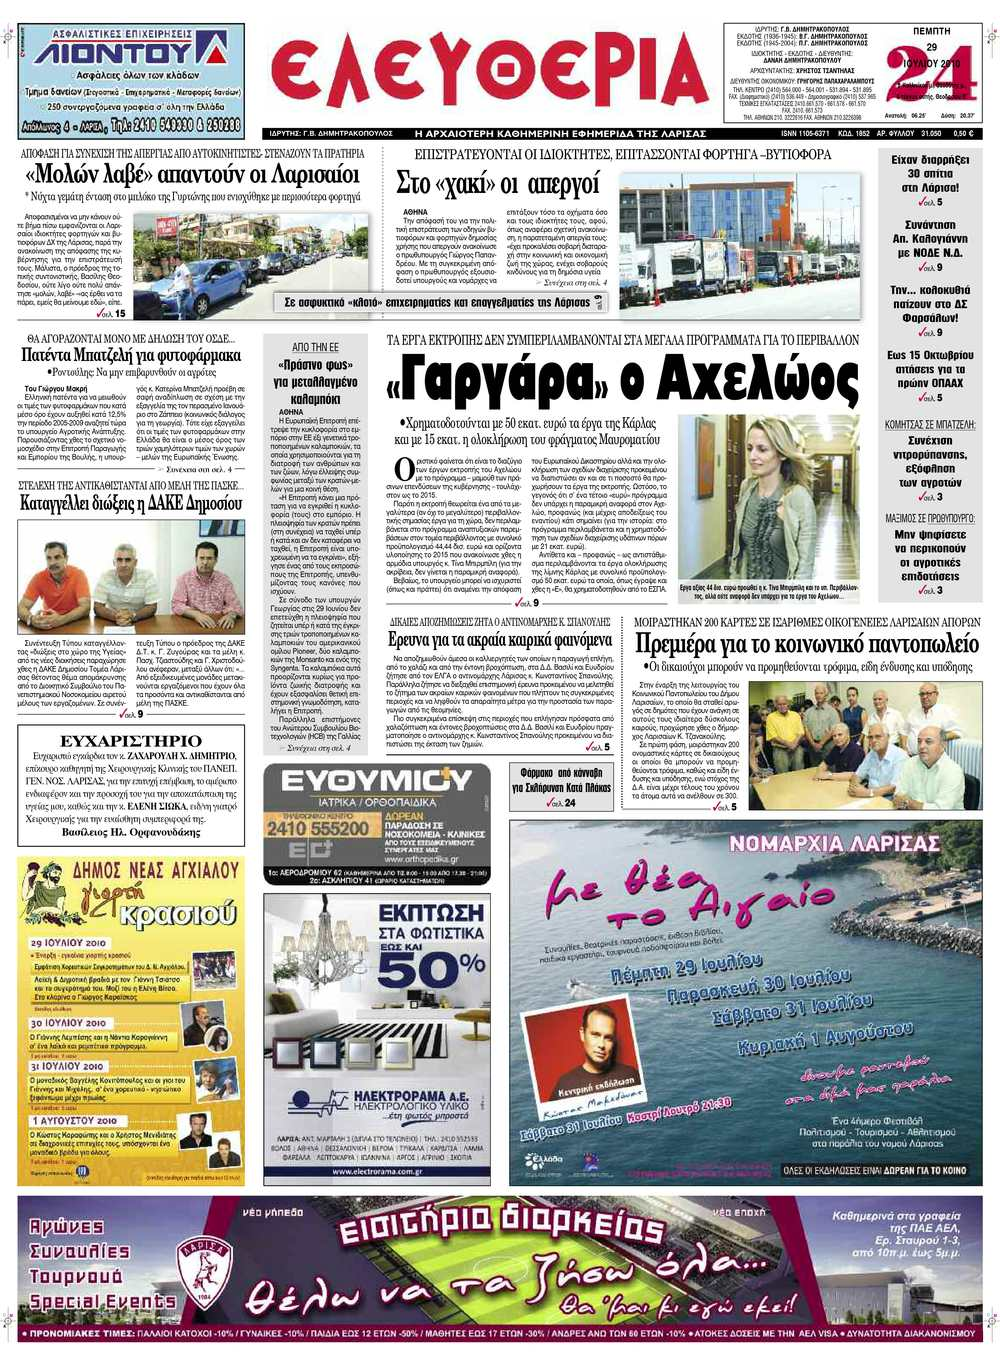 Ιστοσελίδες γνωριμιών στην Ατλάντα Γεωργία